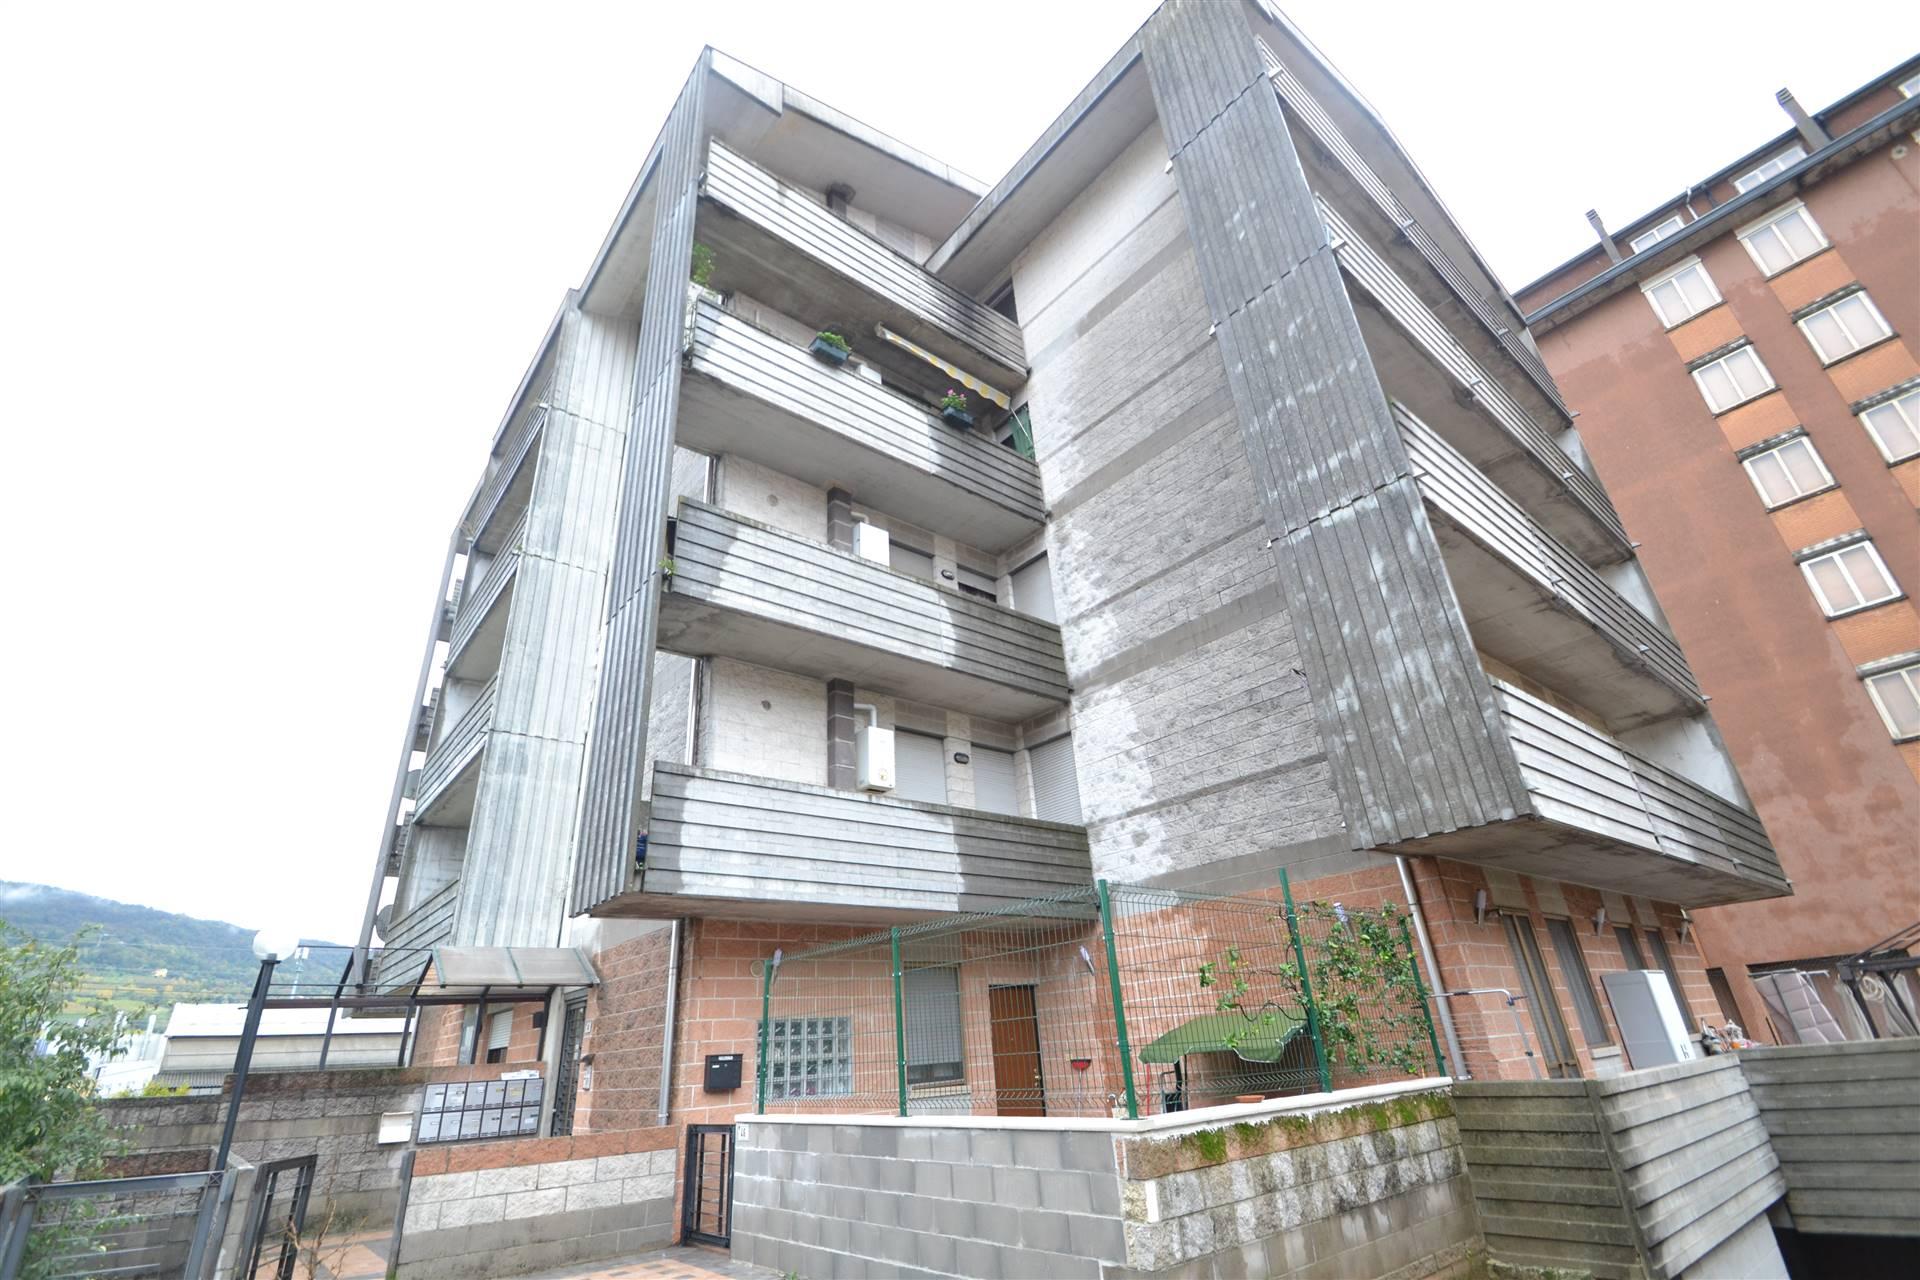 Appartamento in vendita a Montecchio Maggiore, 4 locali, zona Zona: Alte Ceccato, prezzo € 88.000 | CambioCasa.it